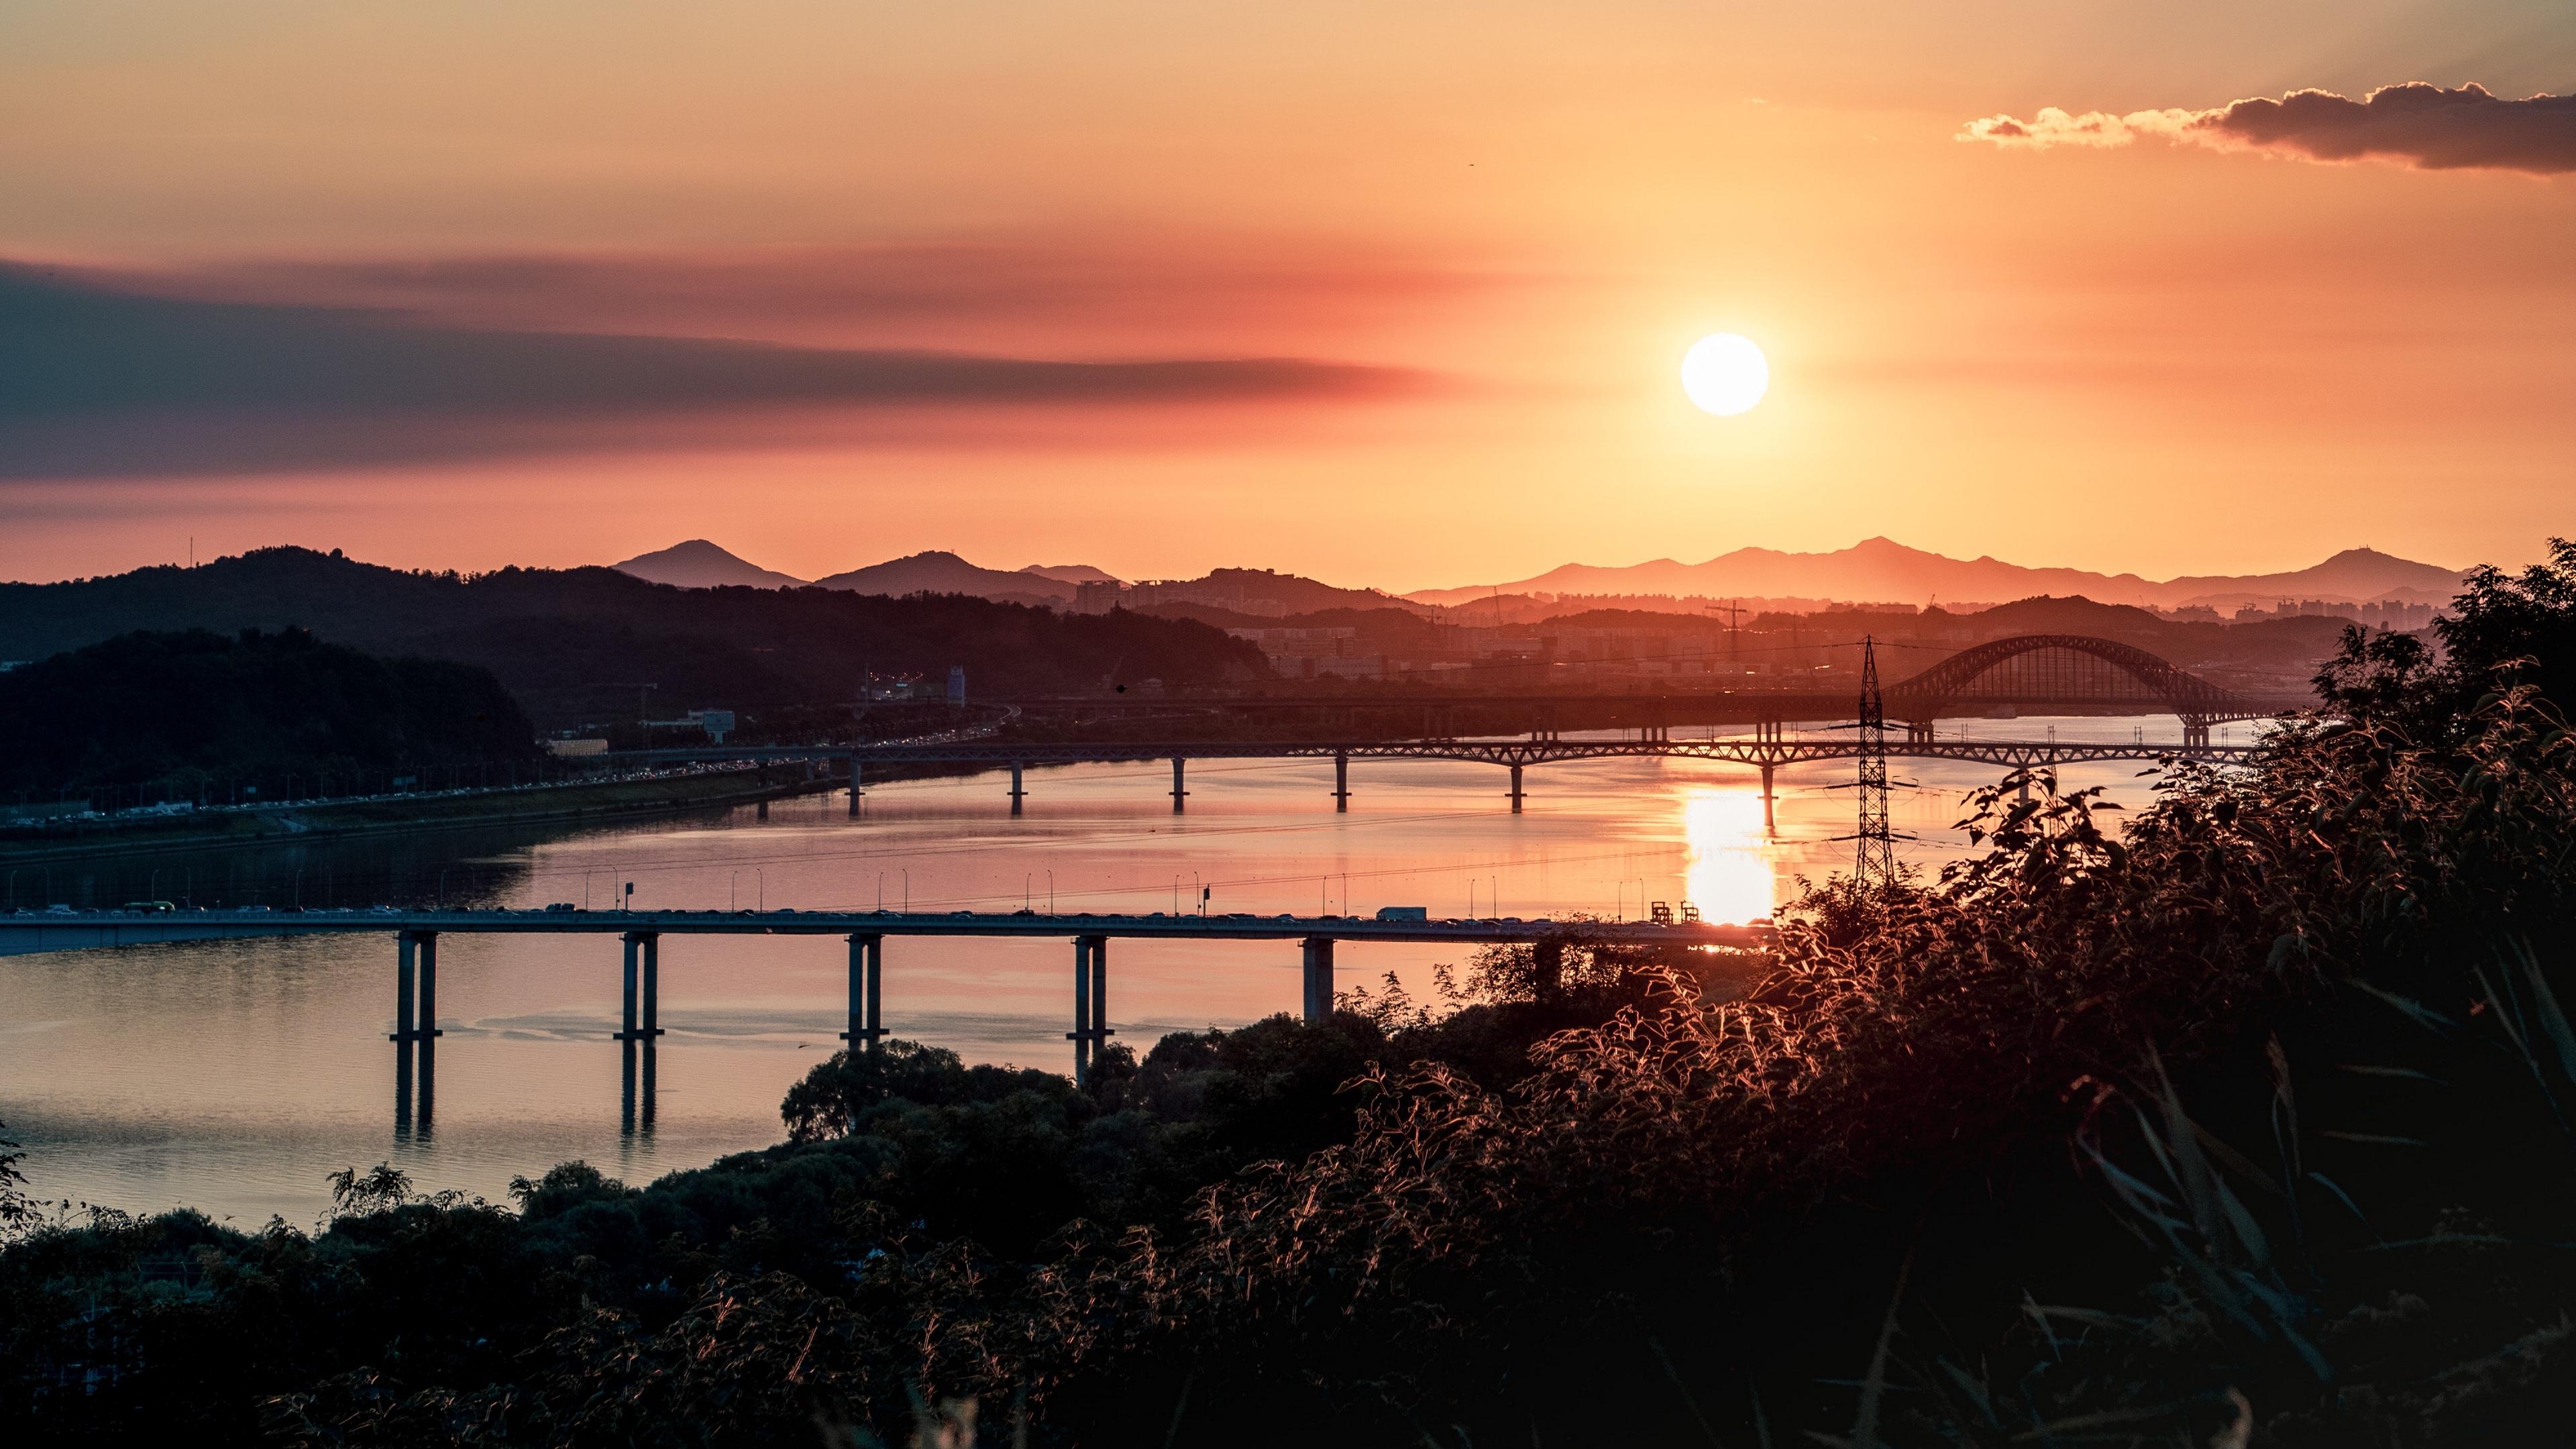 bridges sunset river clouds 4k 1538066201 - bridges, sunset, river, clouds 4k - sunset, River, bridges